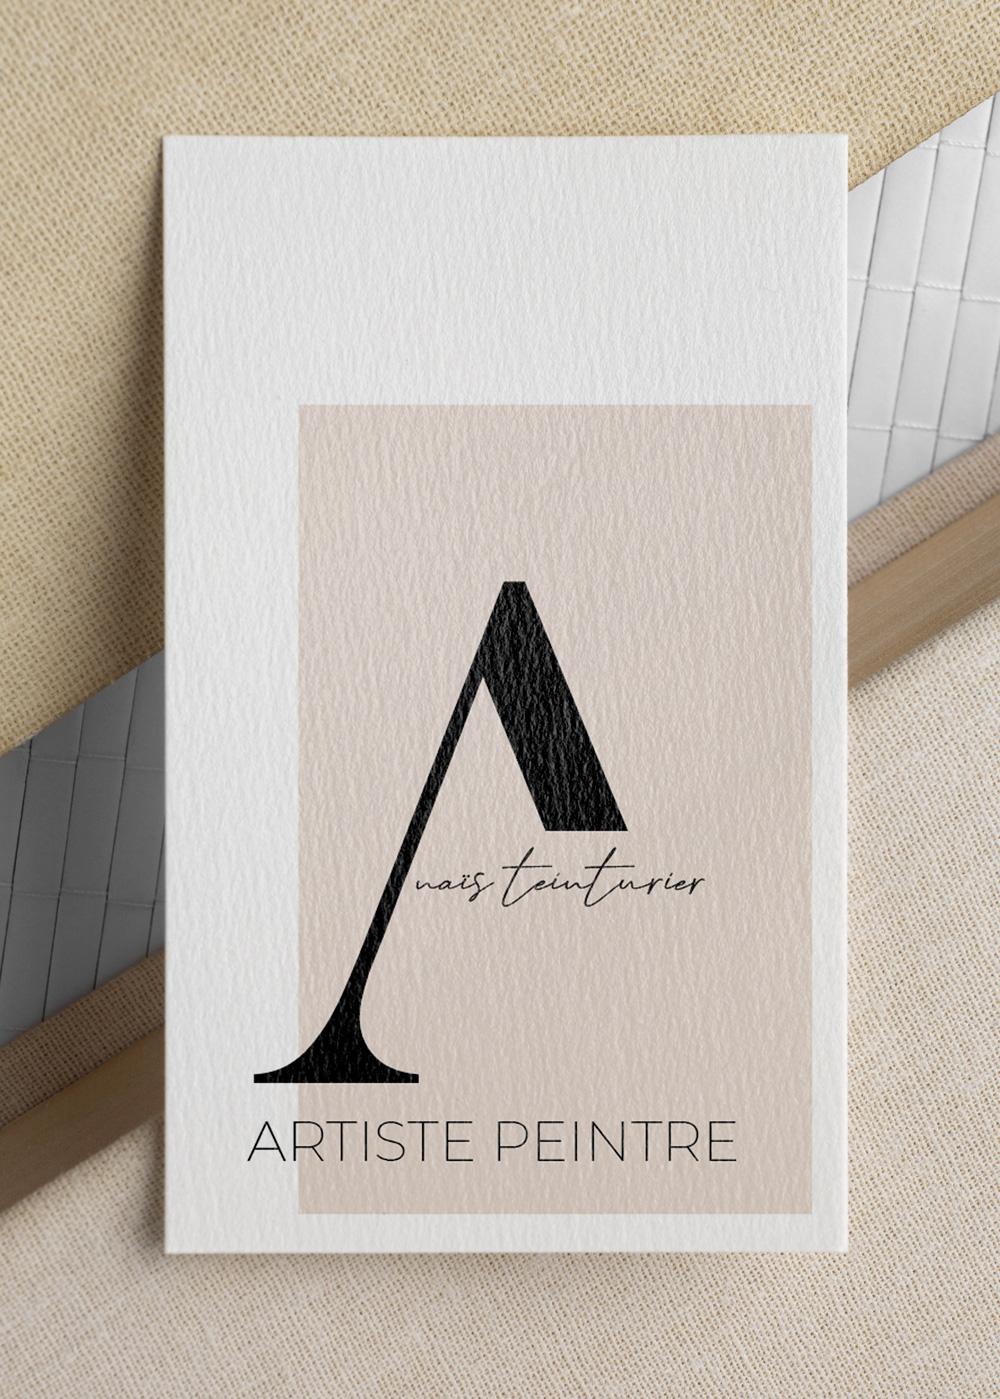 Création d'un logo pour artiste peintre